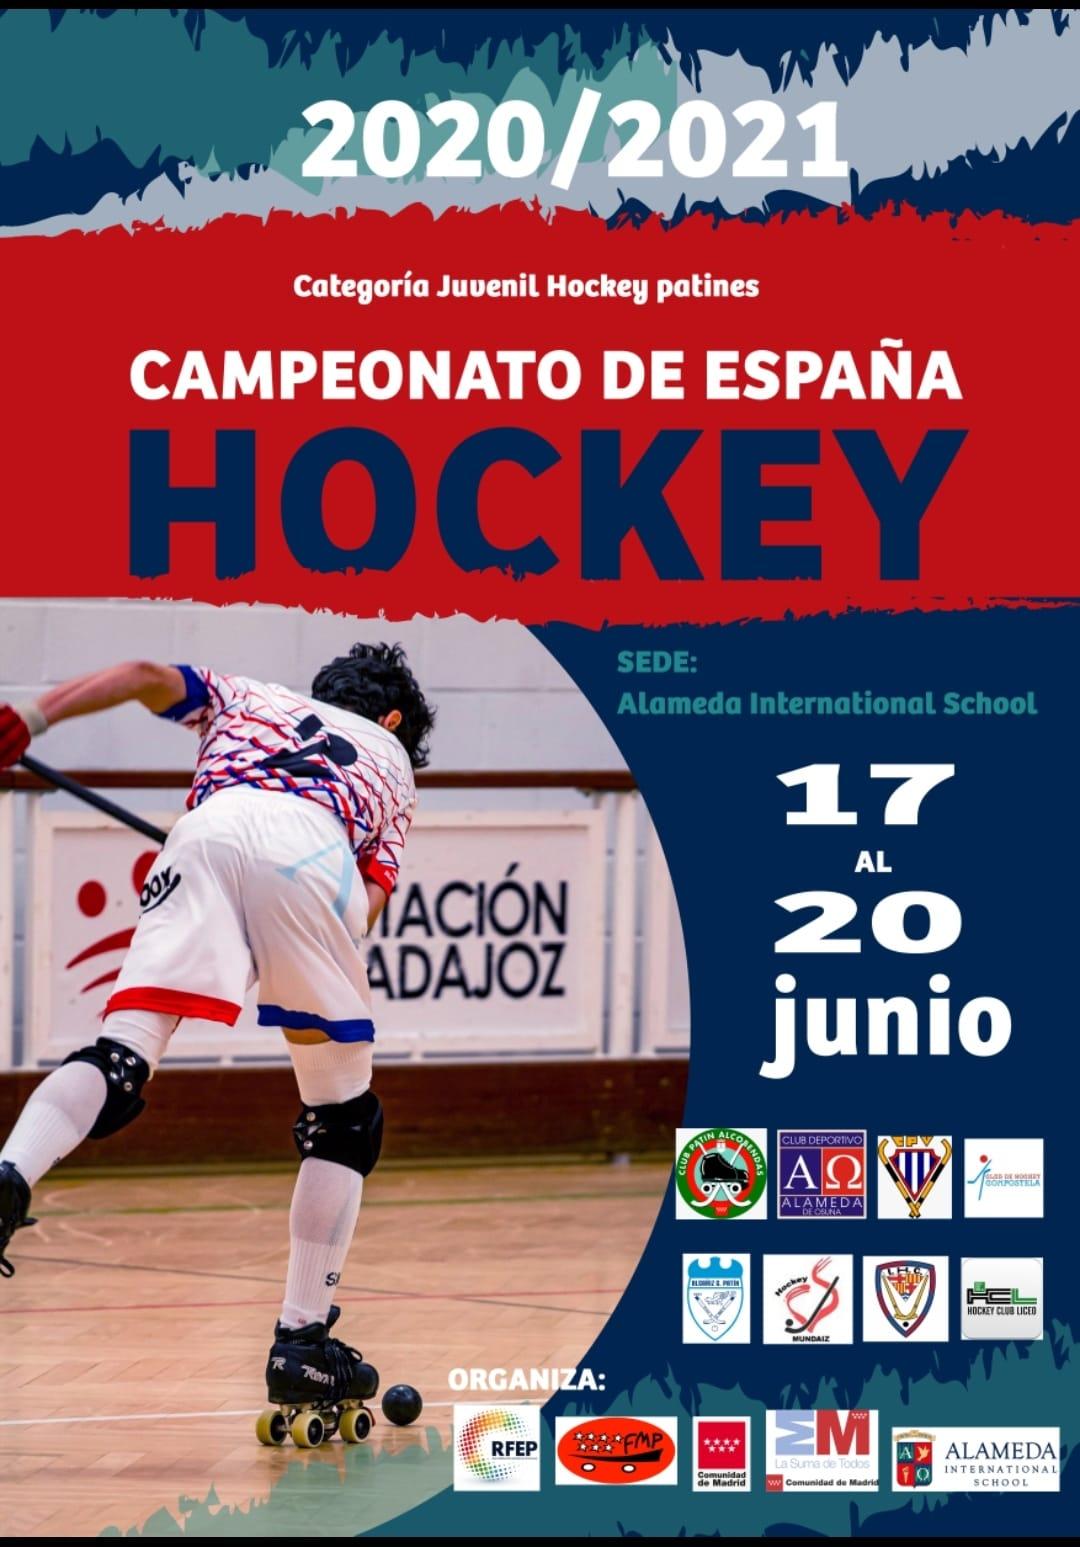 Campeonato de España Hockey sobre patines